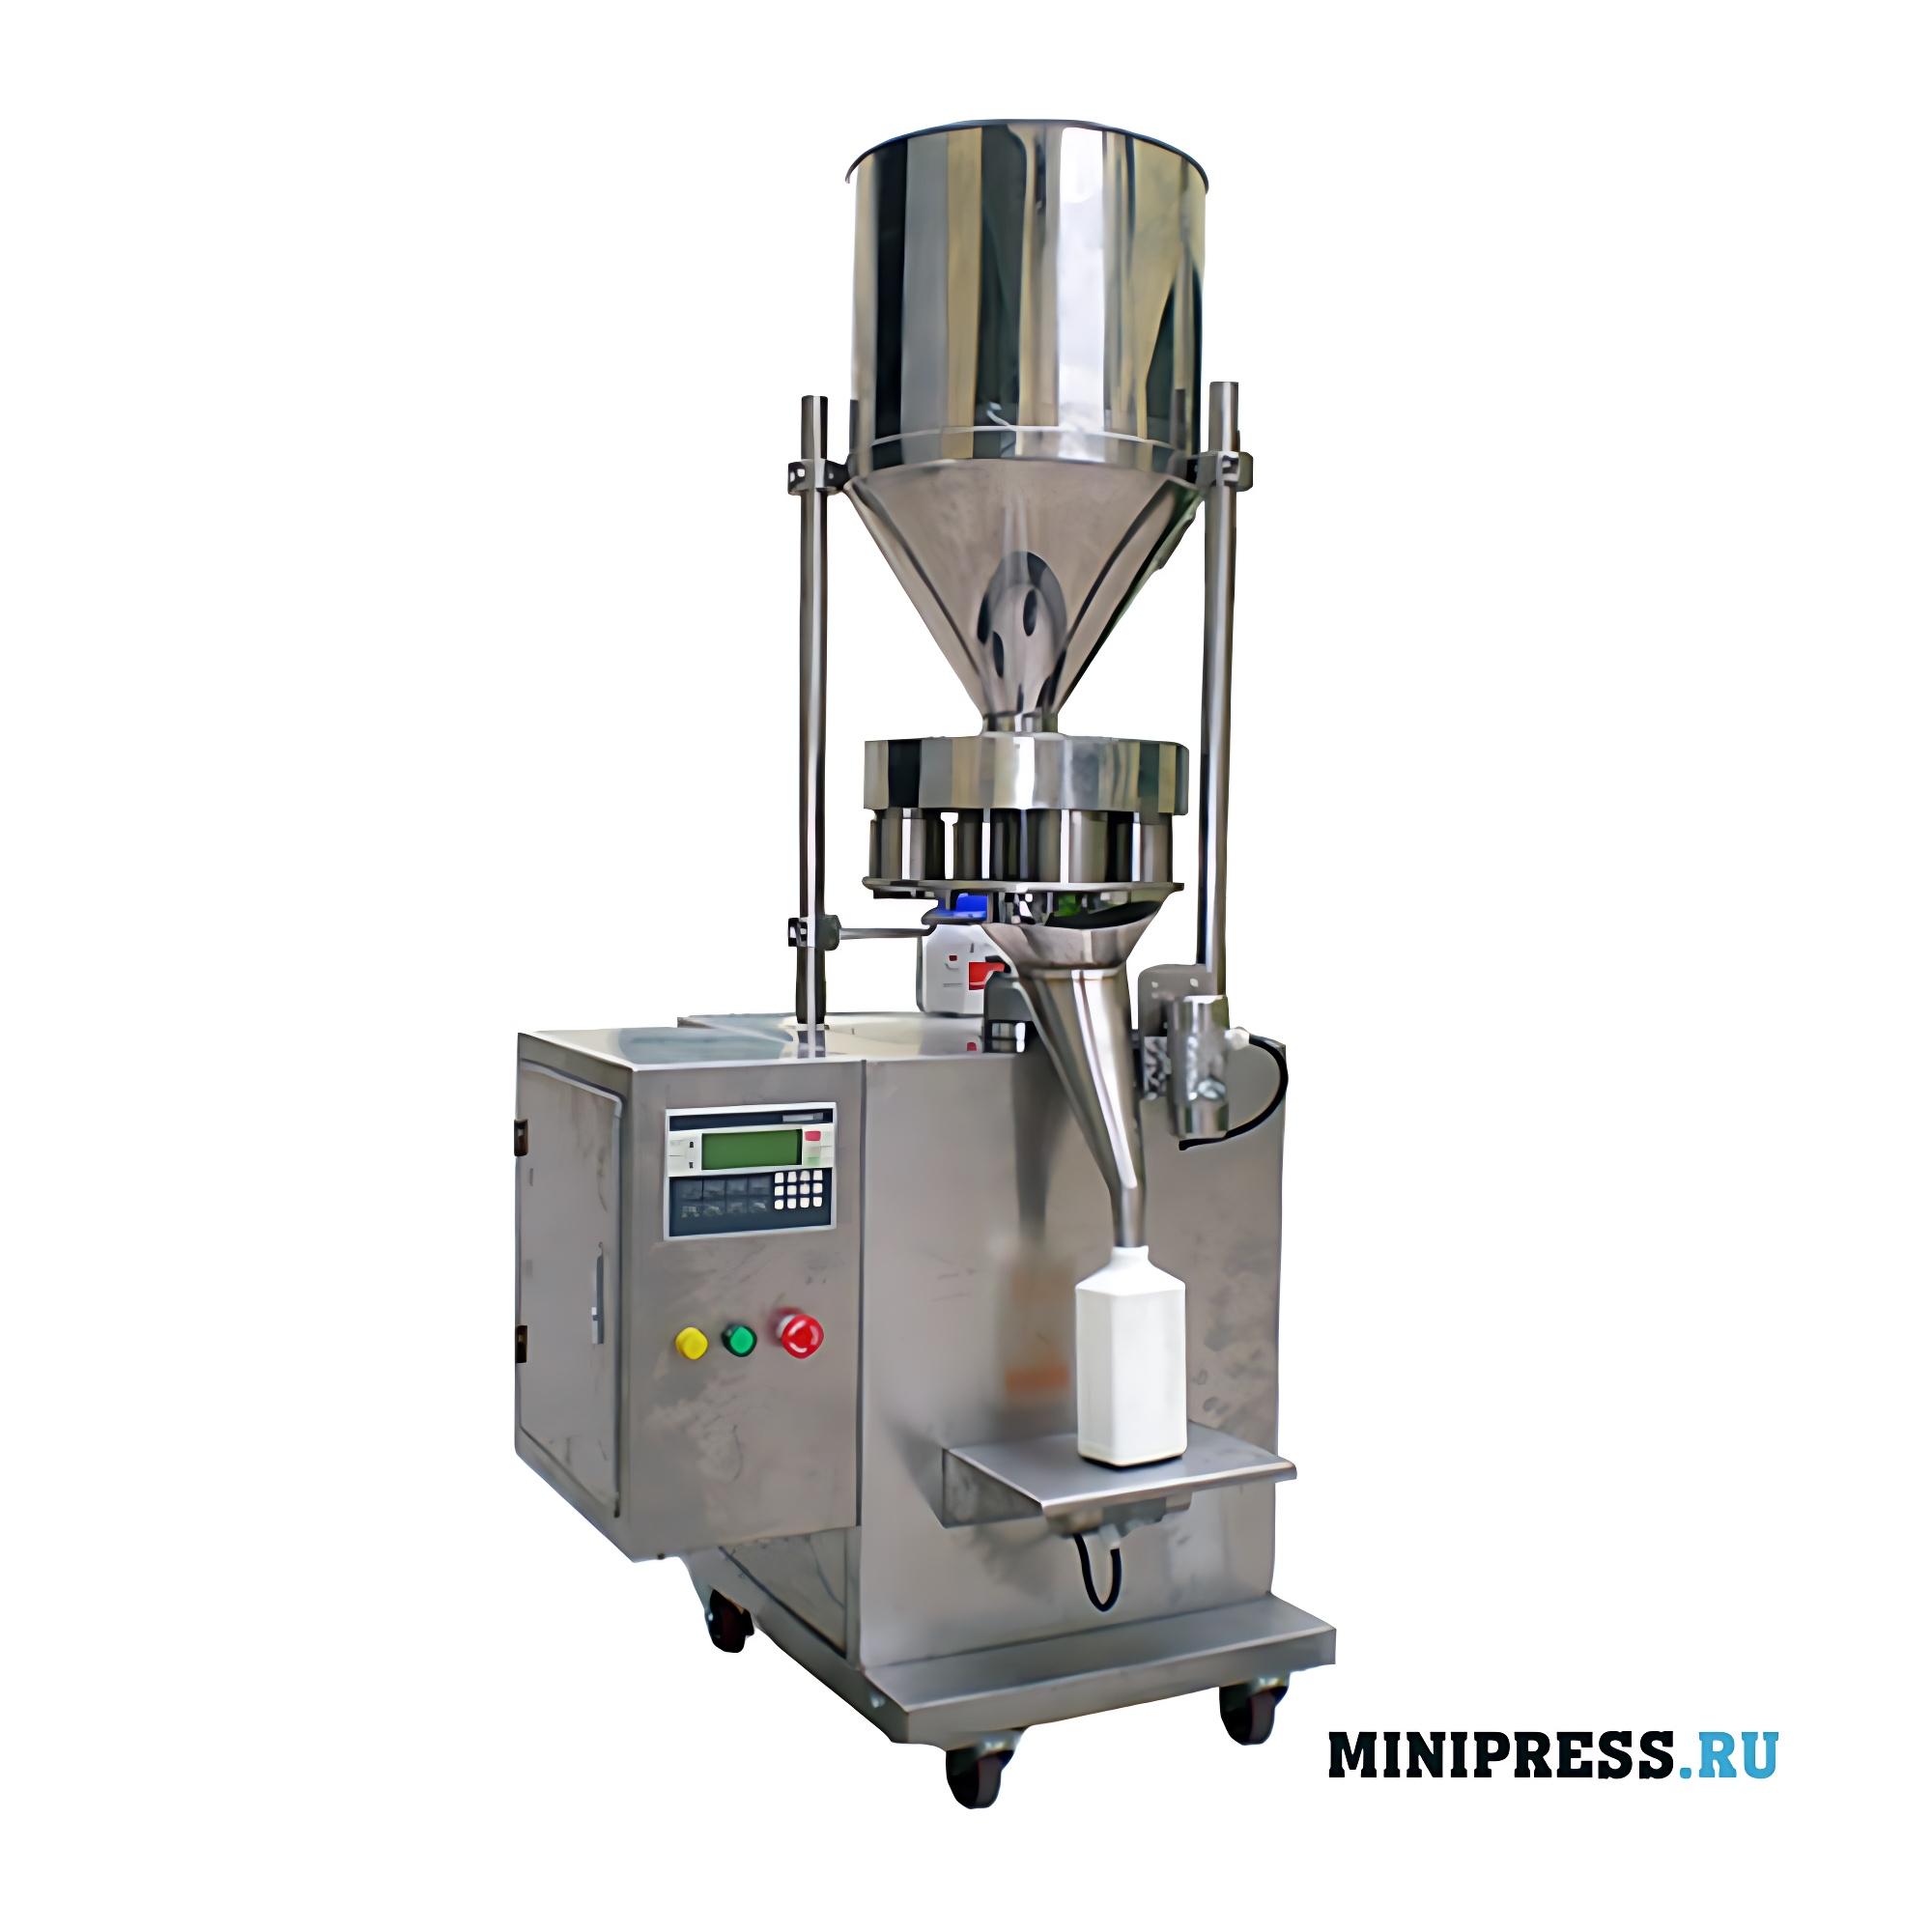 Полуавтоматическое фасовочное оборудование для гранул